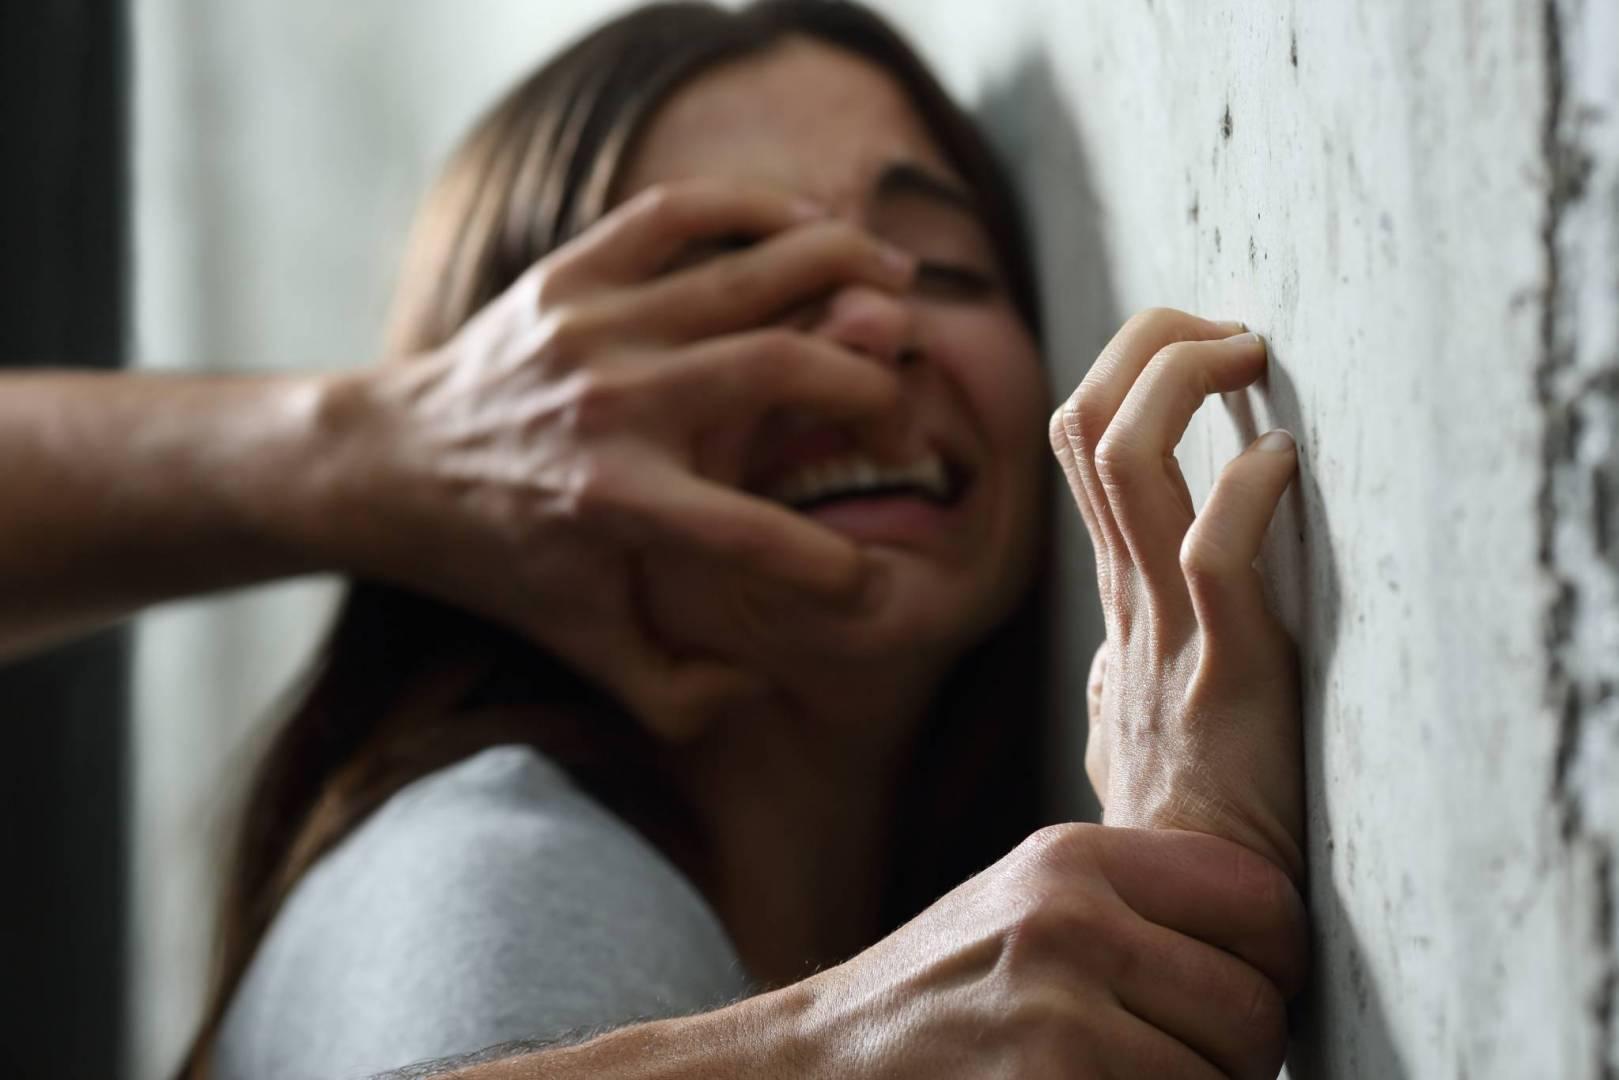 الهند: السجن مدى الحياة بحق 11 شخصا في قضية اعتداء جنسي على فتيات